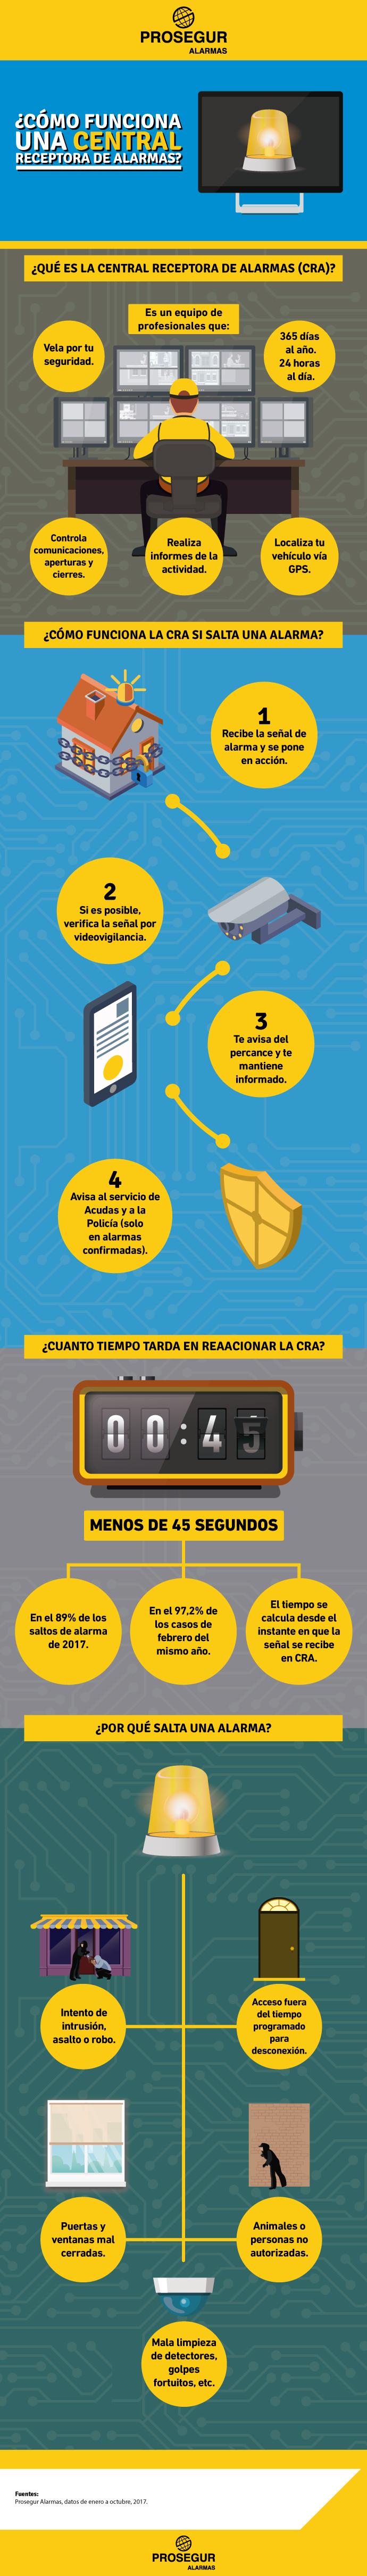 Descubre qué es y cómo funciona la Central Receptora de Alarmas de Prosegur - Blog Prosegur.